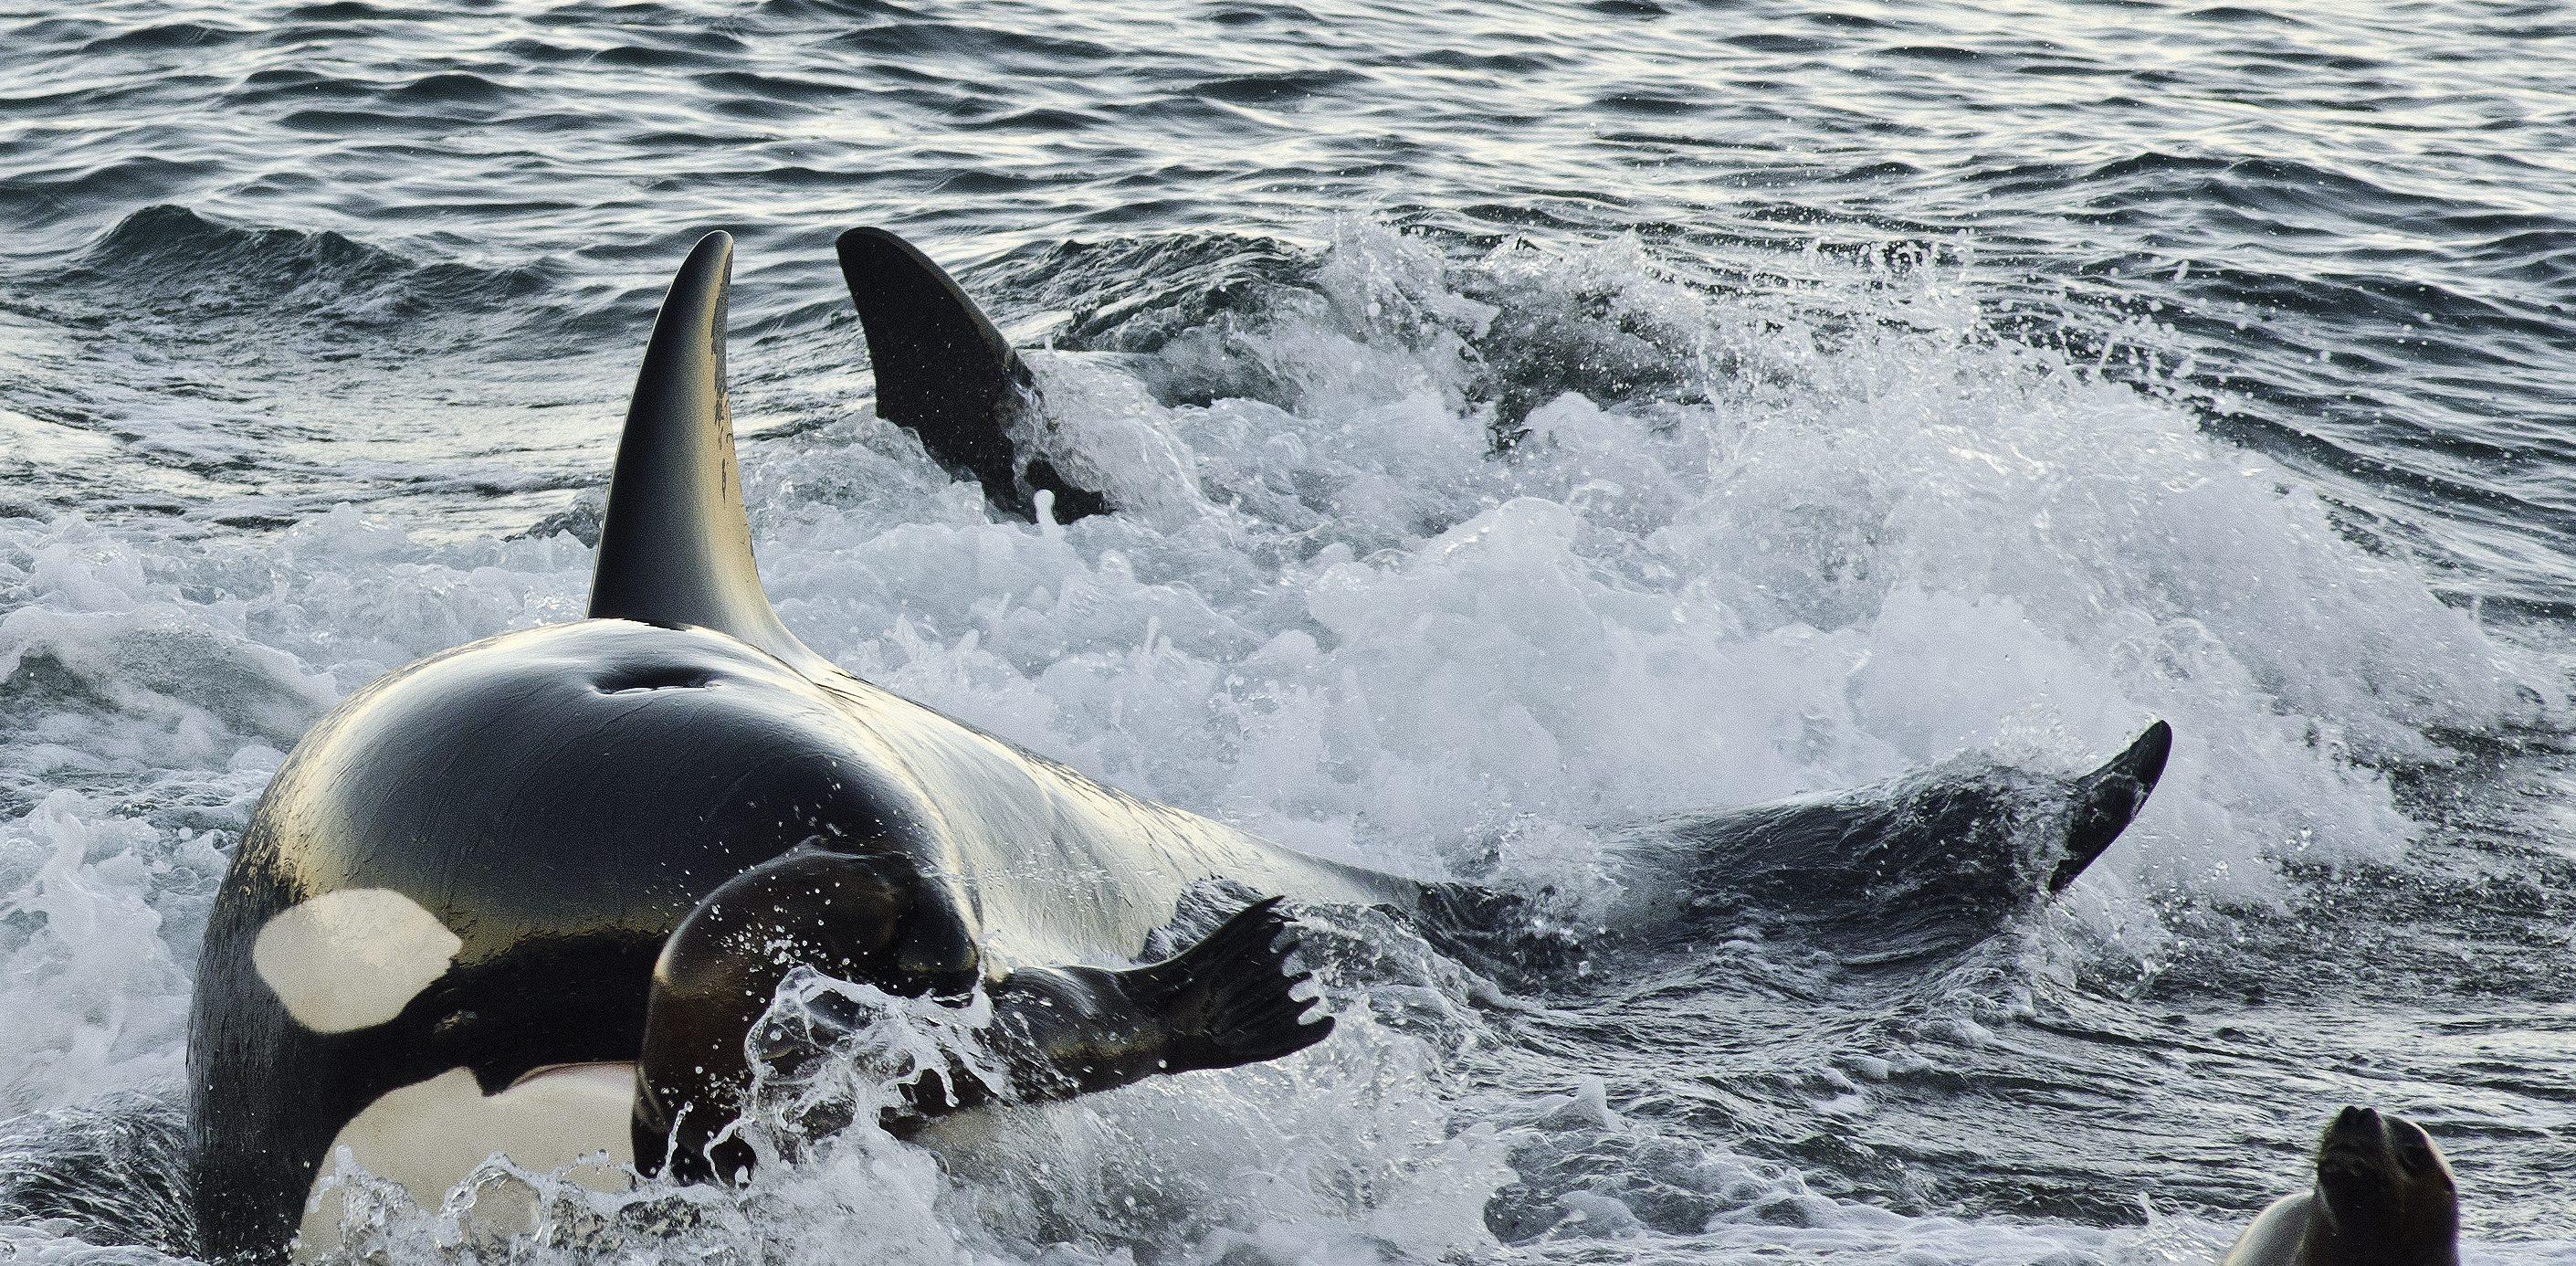 Orcas Puerto Madryn